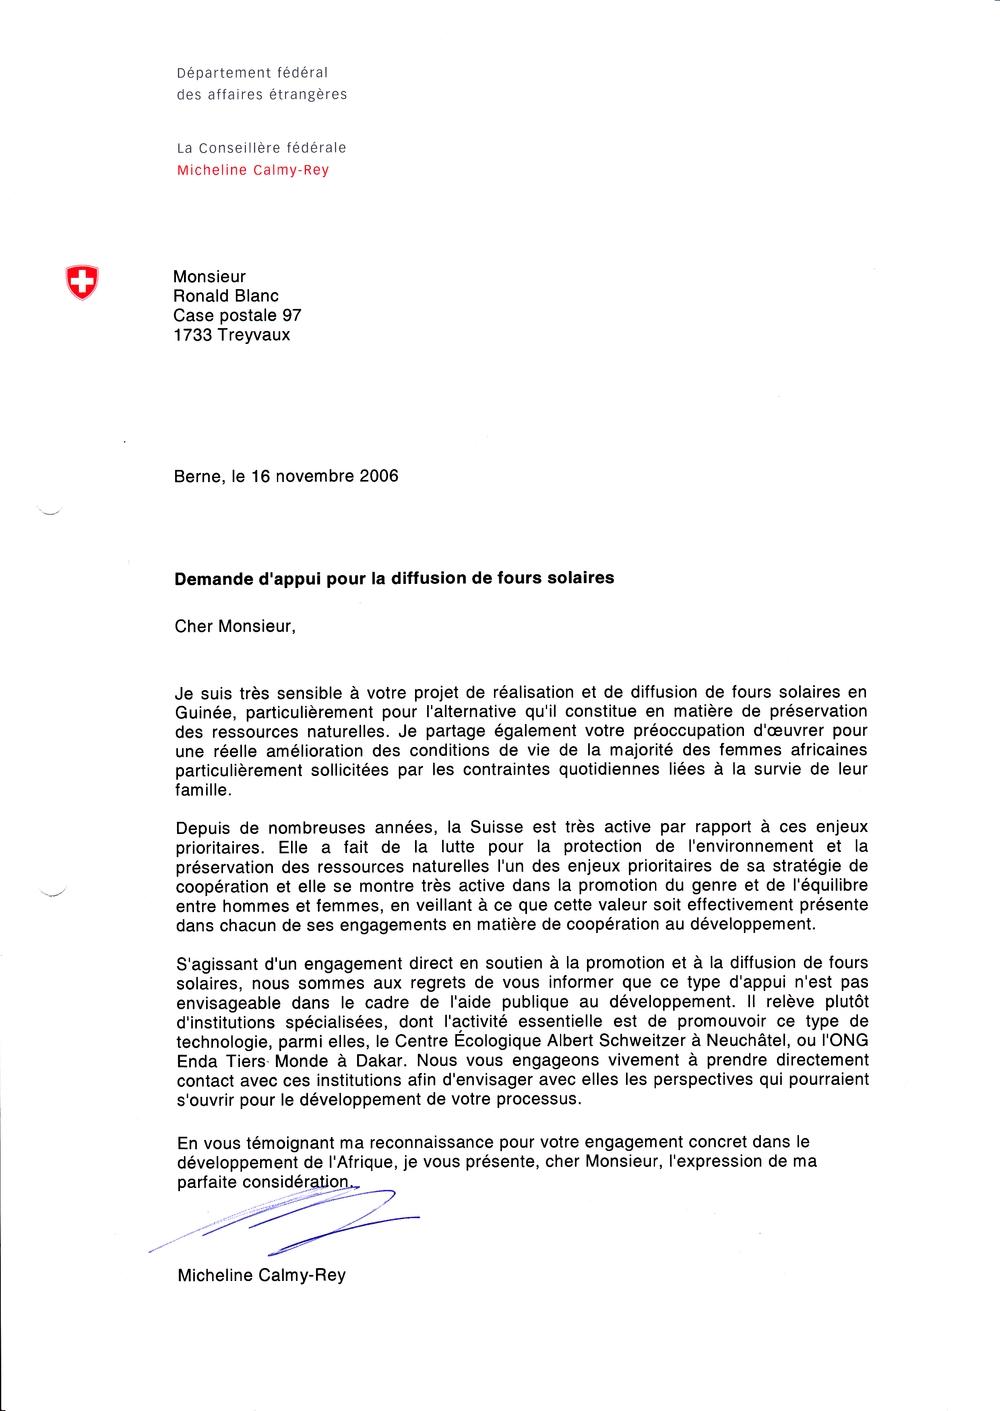 lettre pour demander une aide financiere